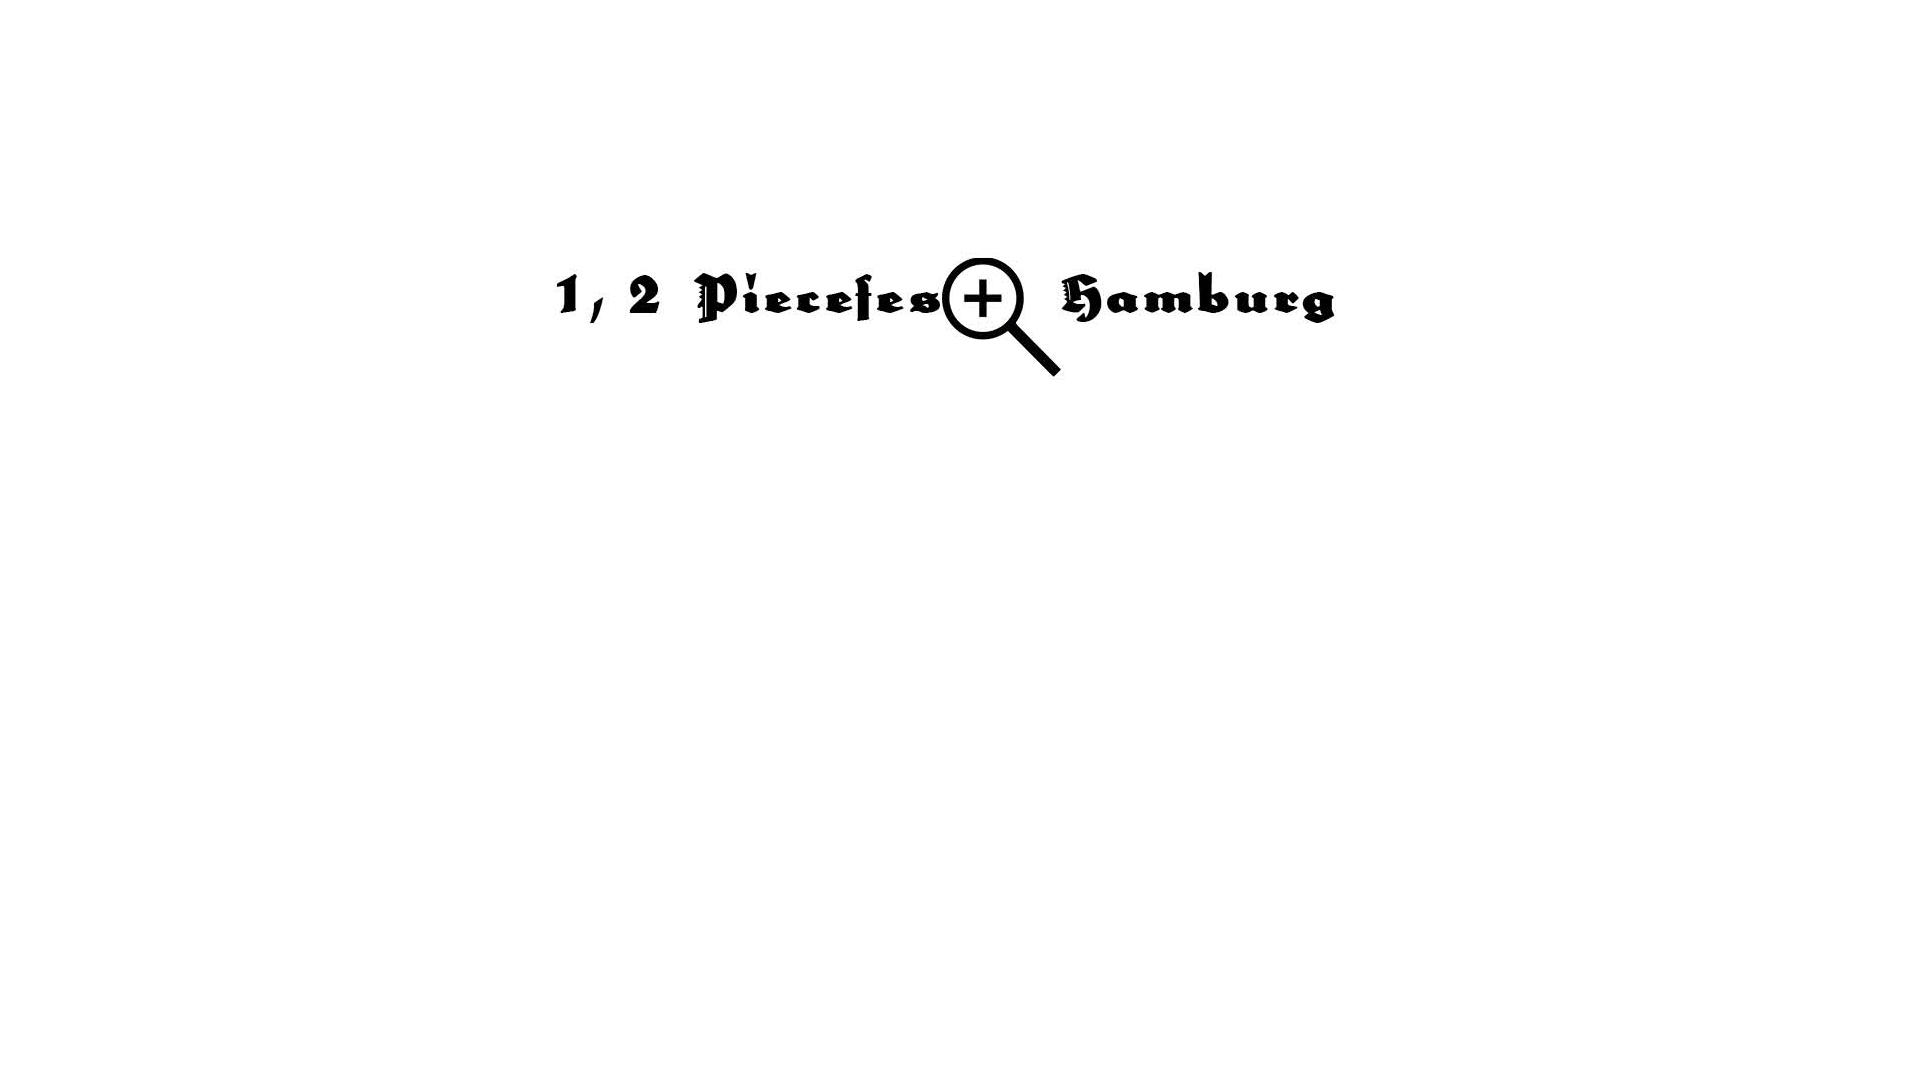 Preview: 1,2 Piecefest Hamburg